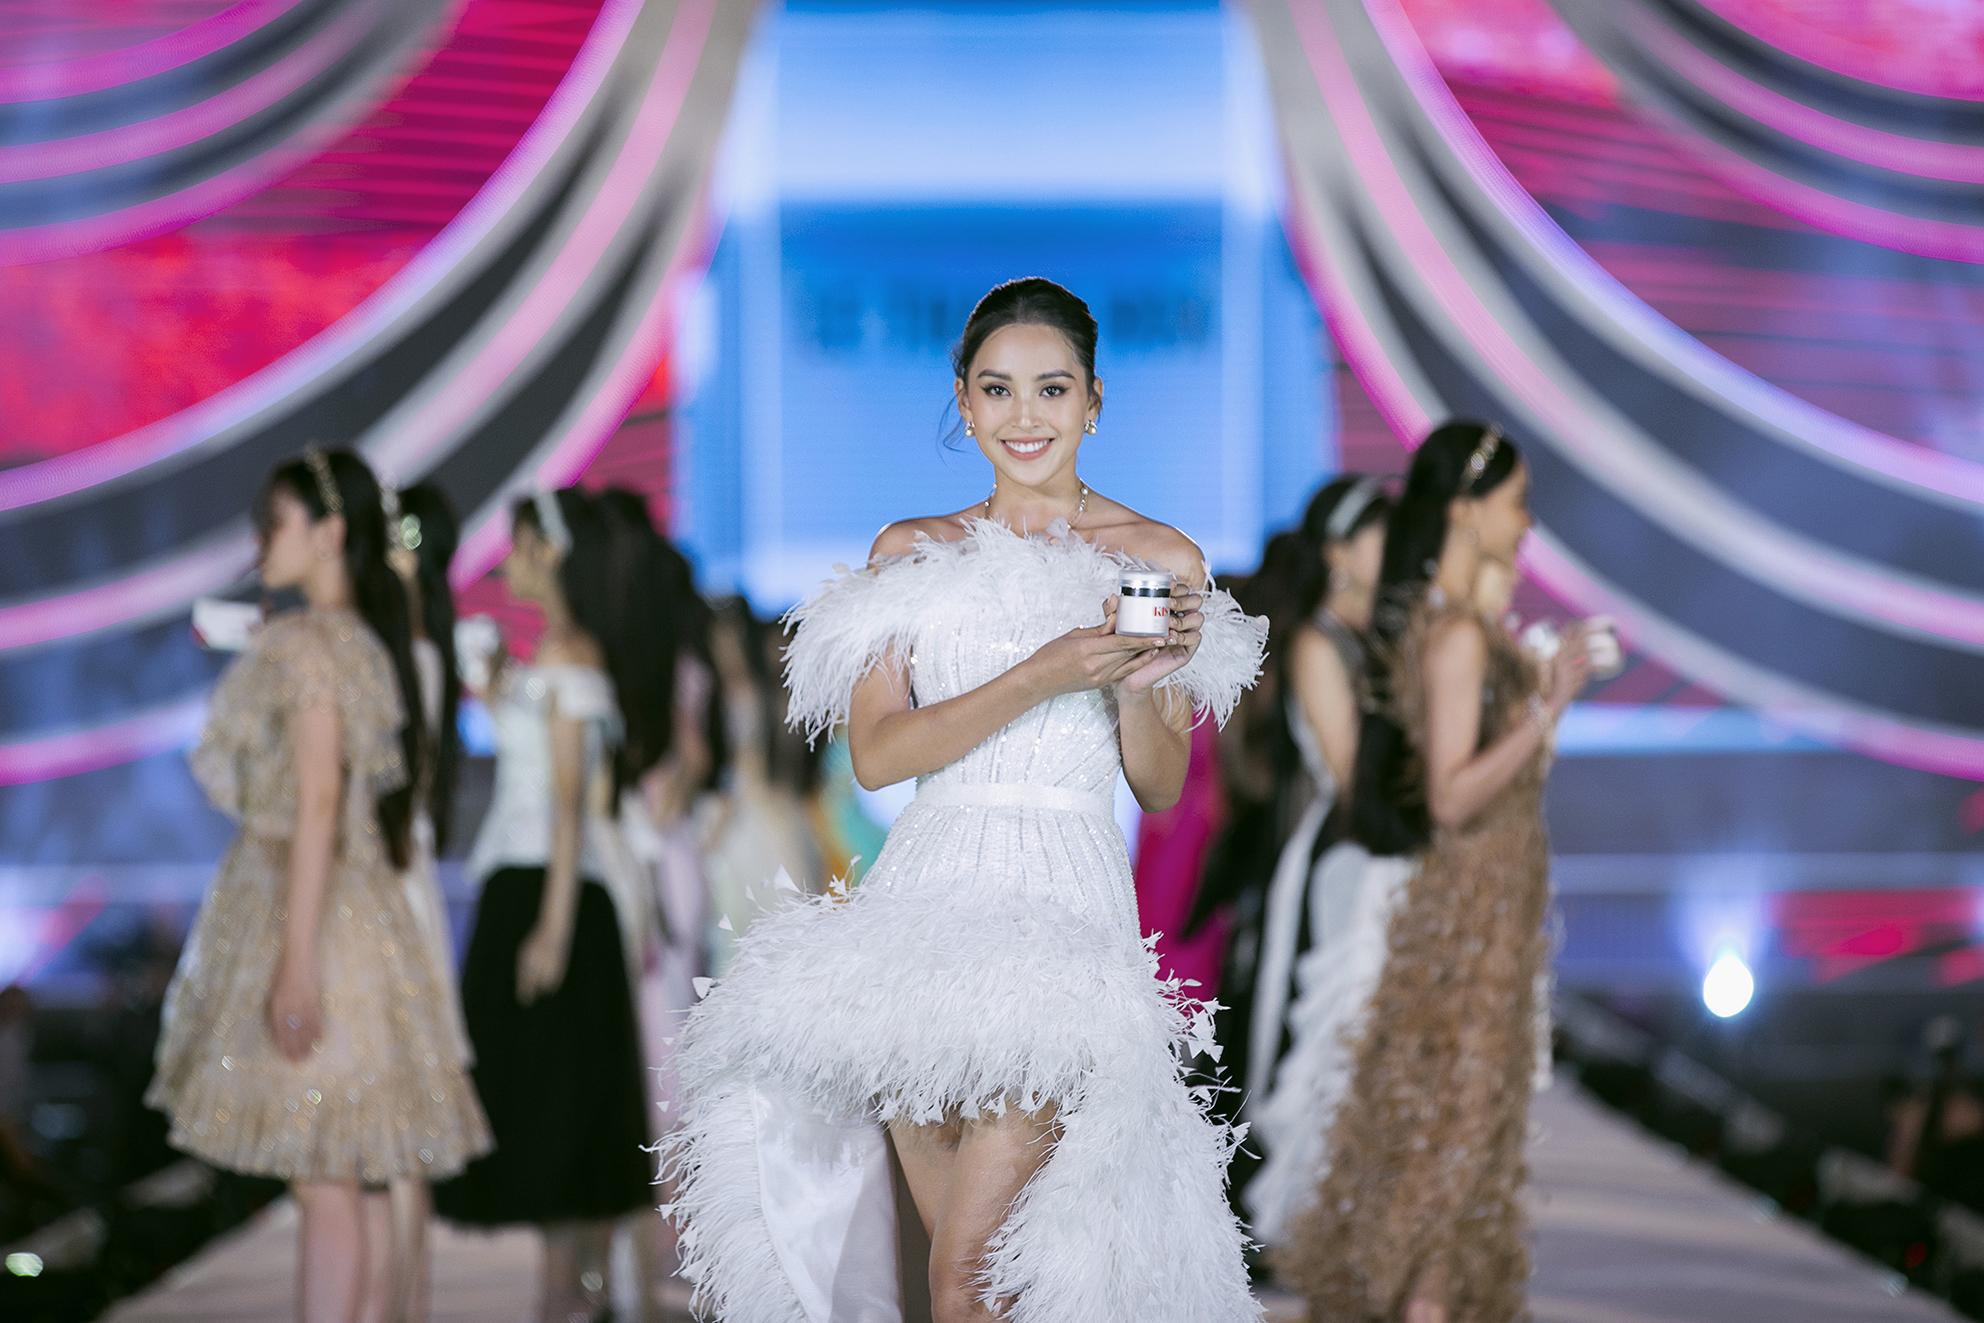 Ấn tượng với sự kết hợp giữa nhan sắc, thời trang và mỹ phẩm trong đêm thi Người Đẹp Thời Trang - Hoa Hậu Việt Nam 2020 - Ảnh 3.